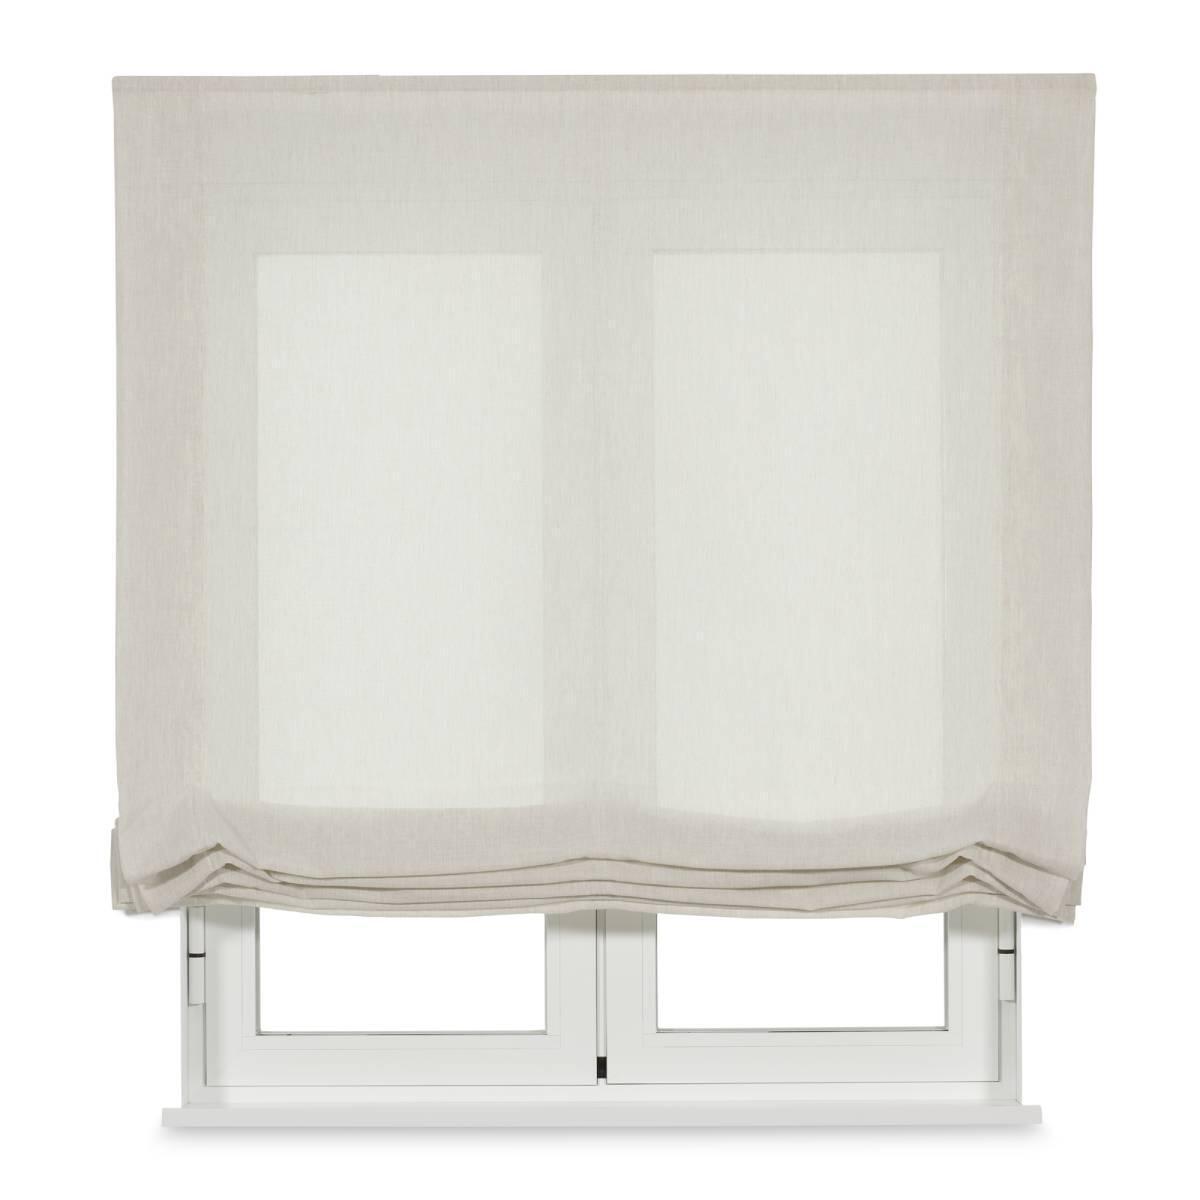 Tenda a pacchetto Maruxa beige 135x175 cm - 1